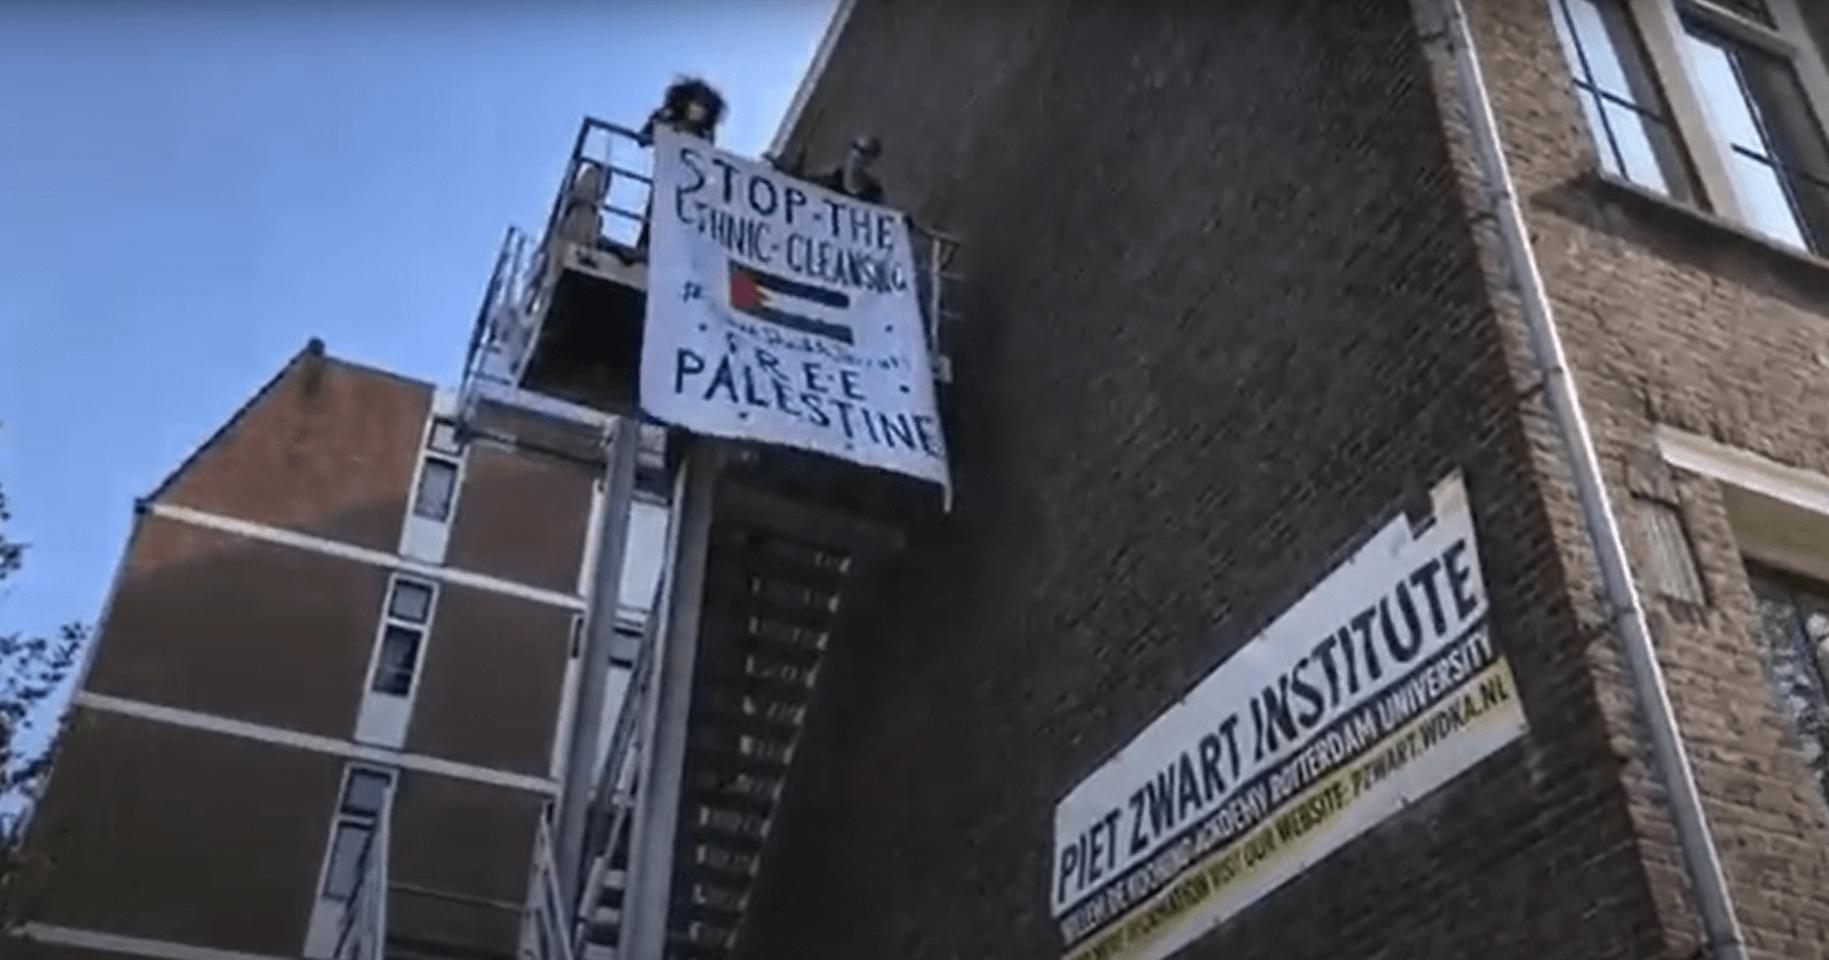 Netherlands art institute cracks down on free speech for Palestine — and seizes watermelon banner – Mondoweiss